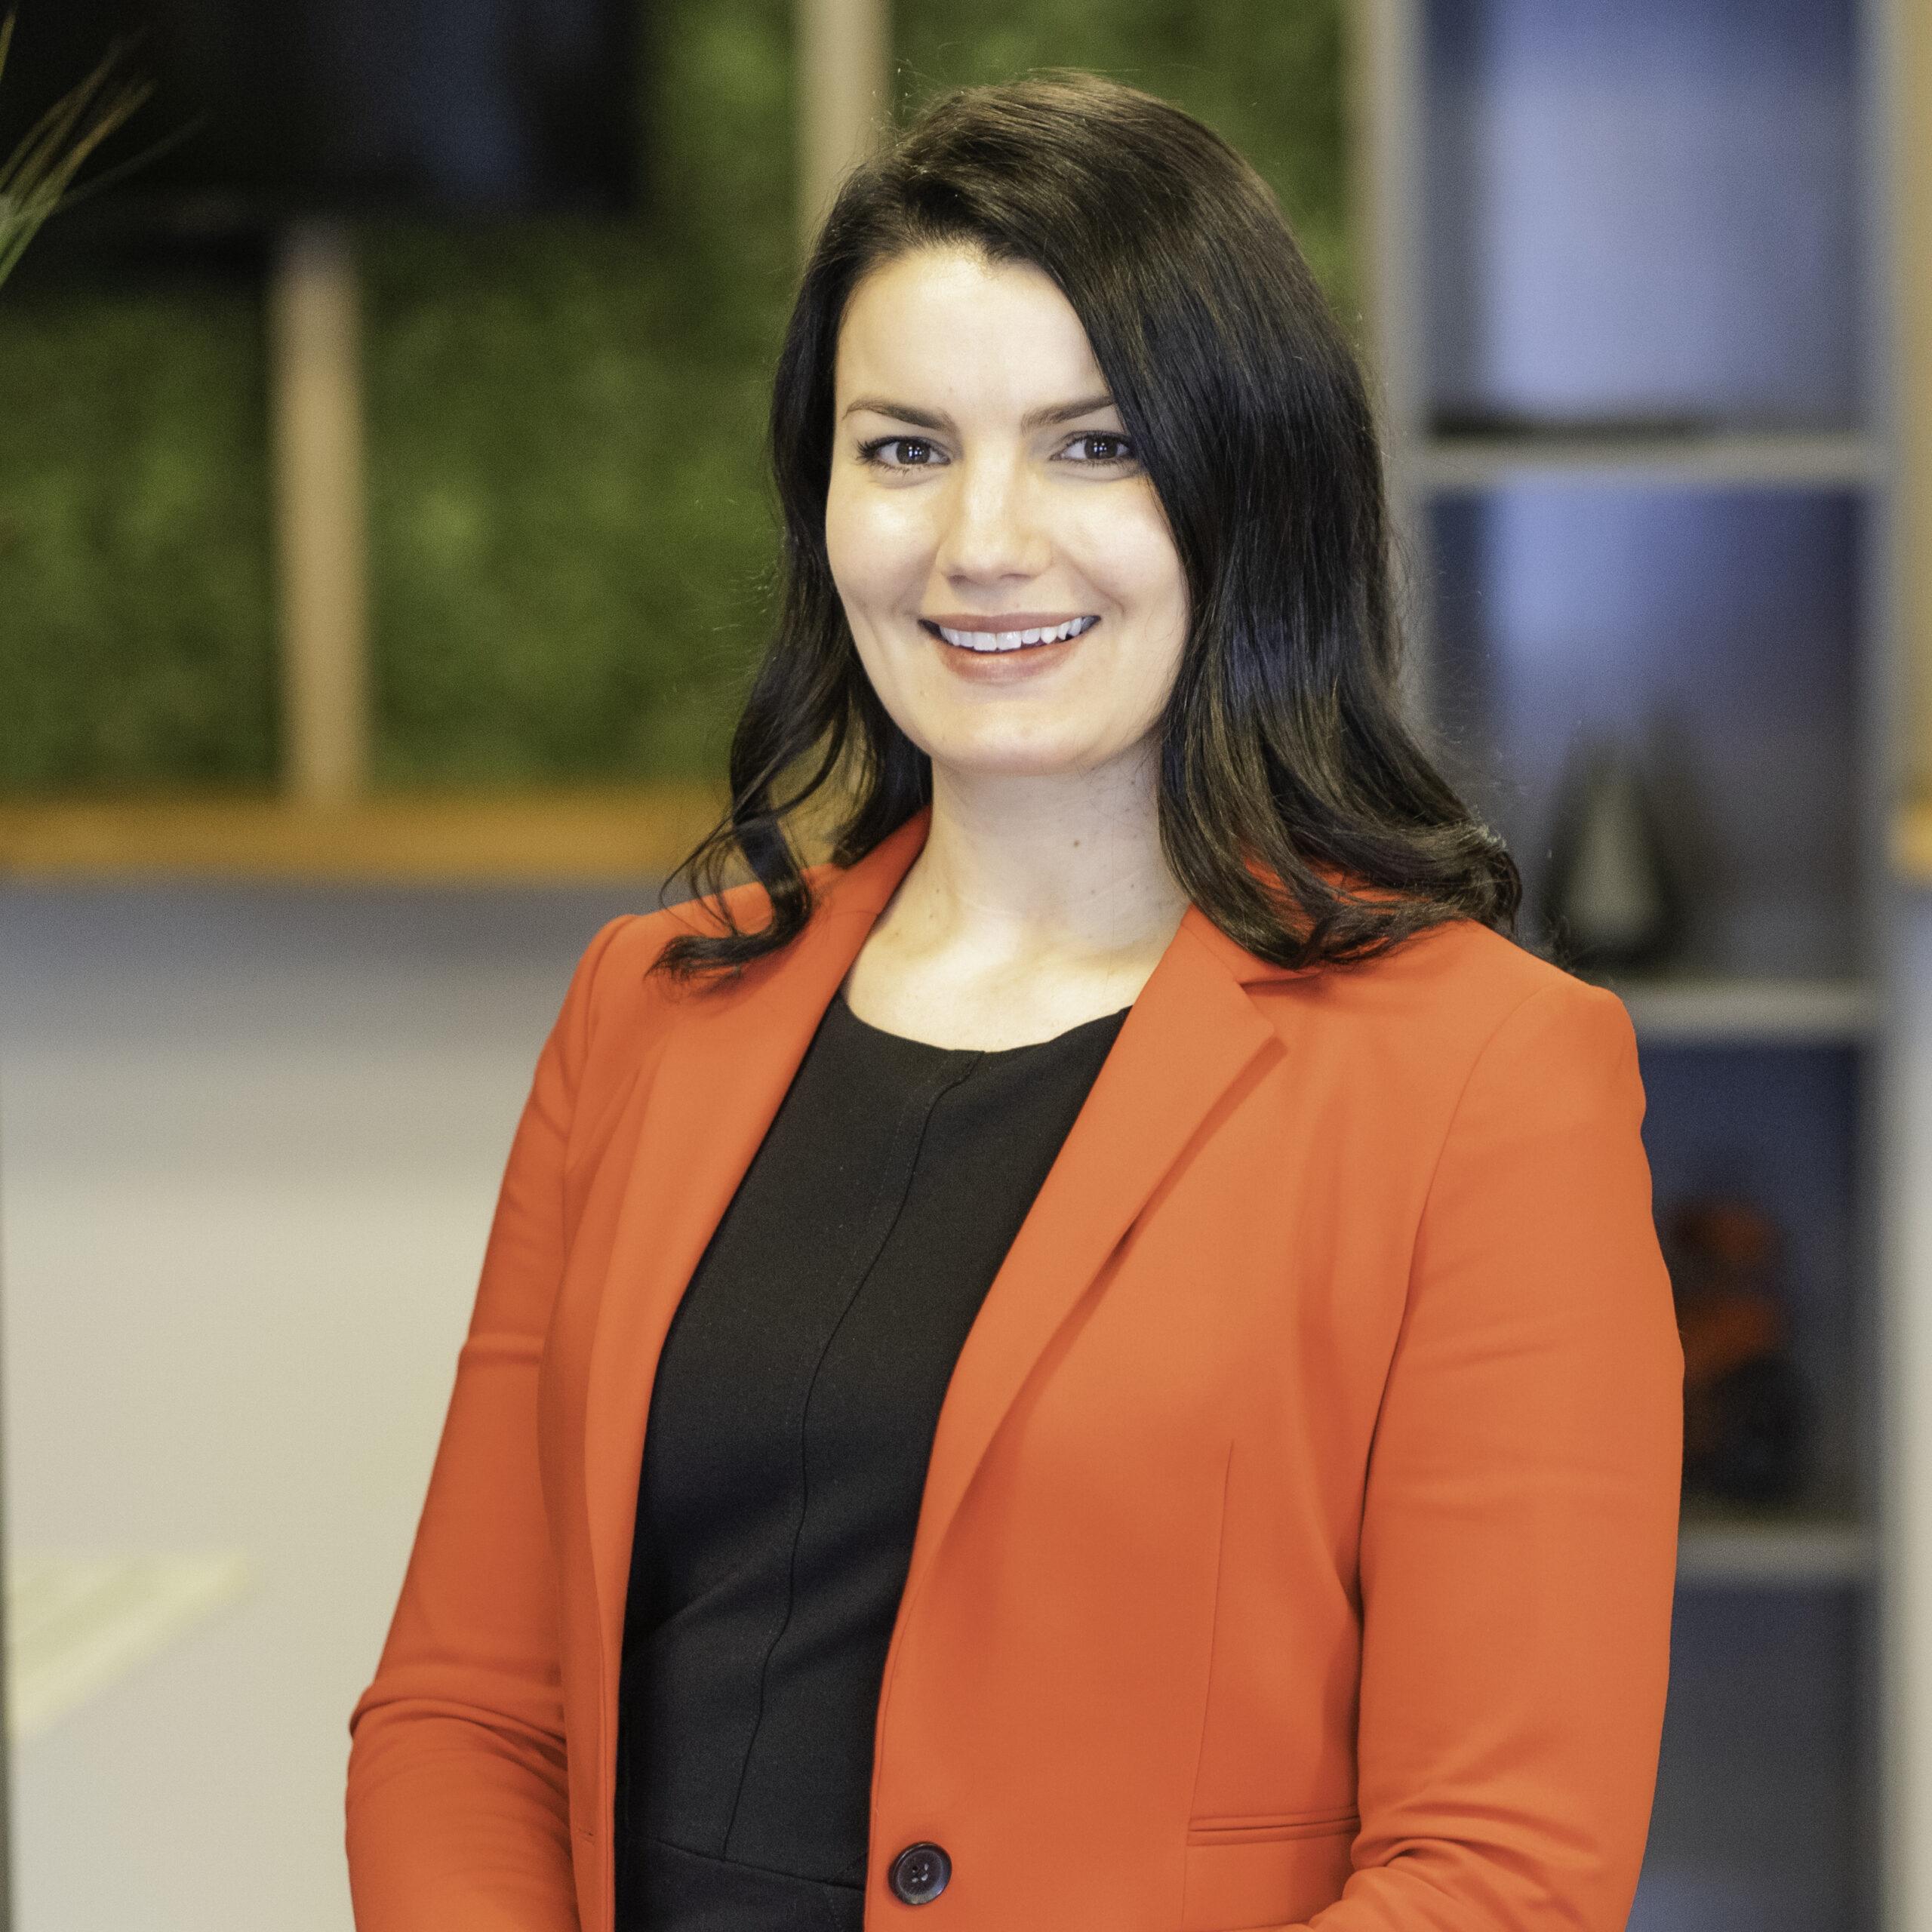 DANIELA MURRAY